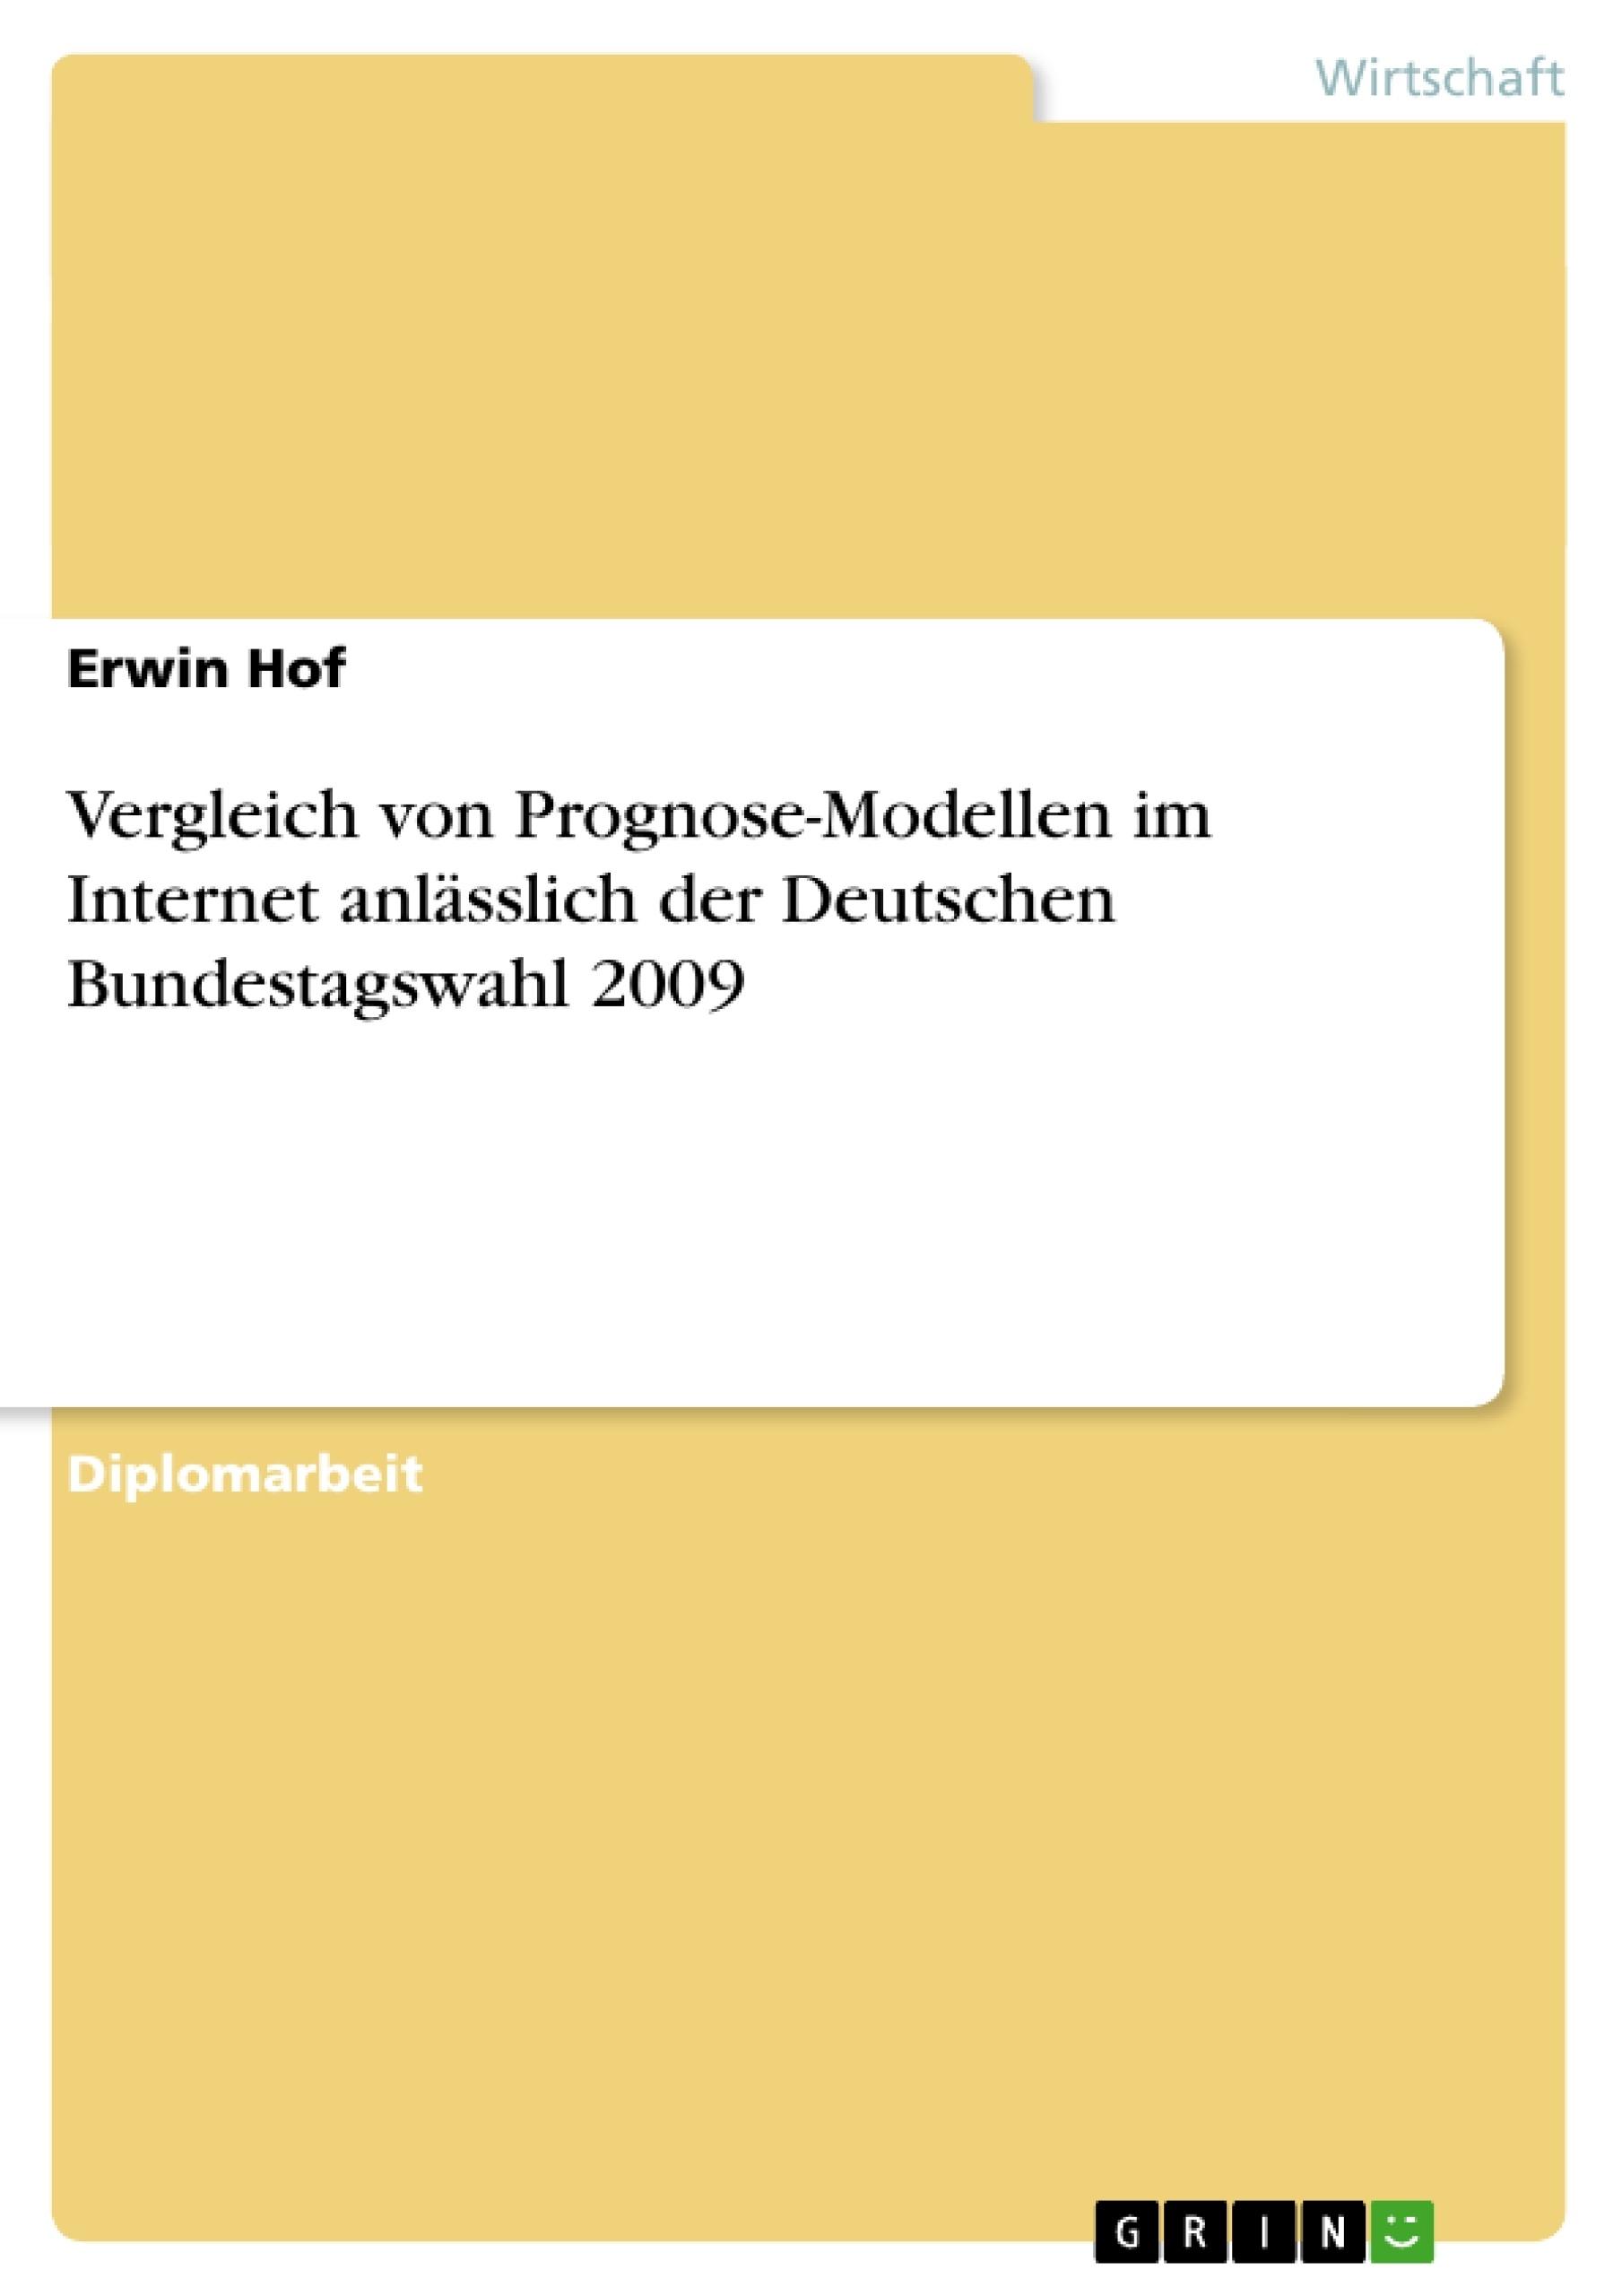 Titel: Vergleich von Prognose-Modellen im Internet anlässlich der Deutschen Bundestagswahl 2009